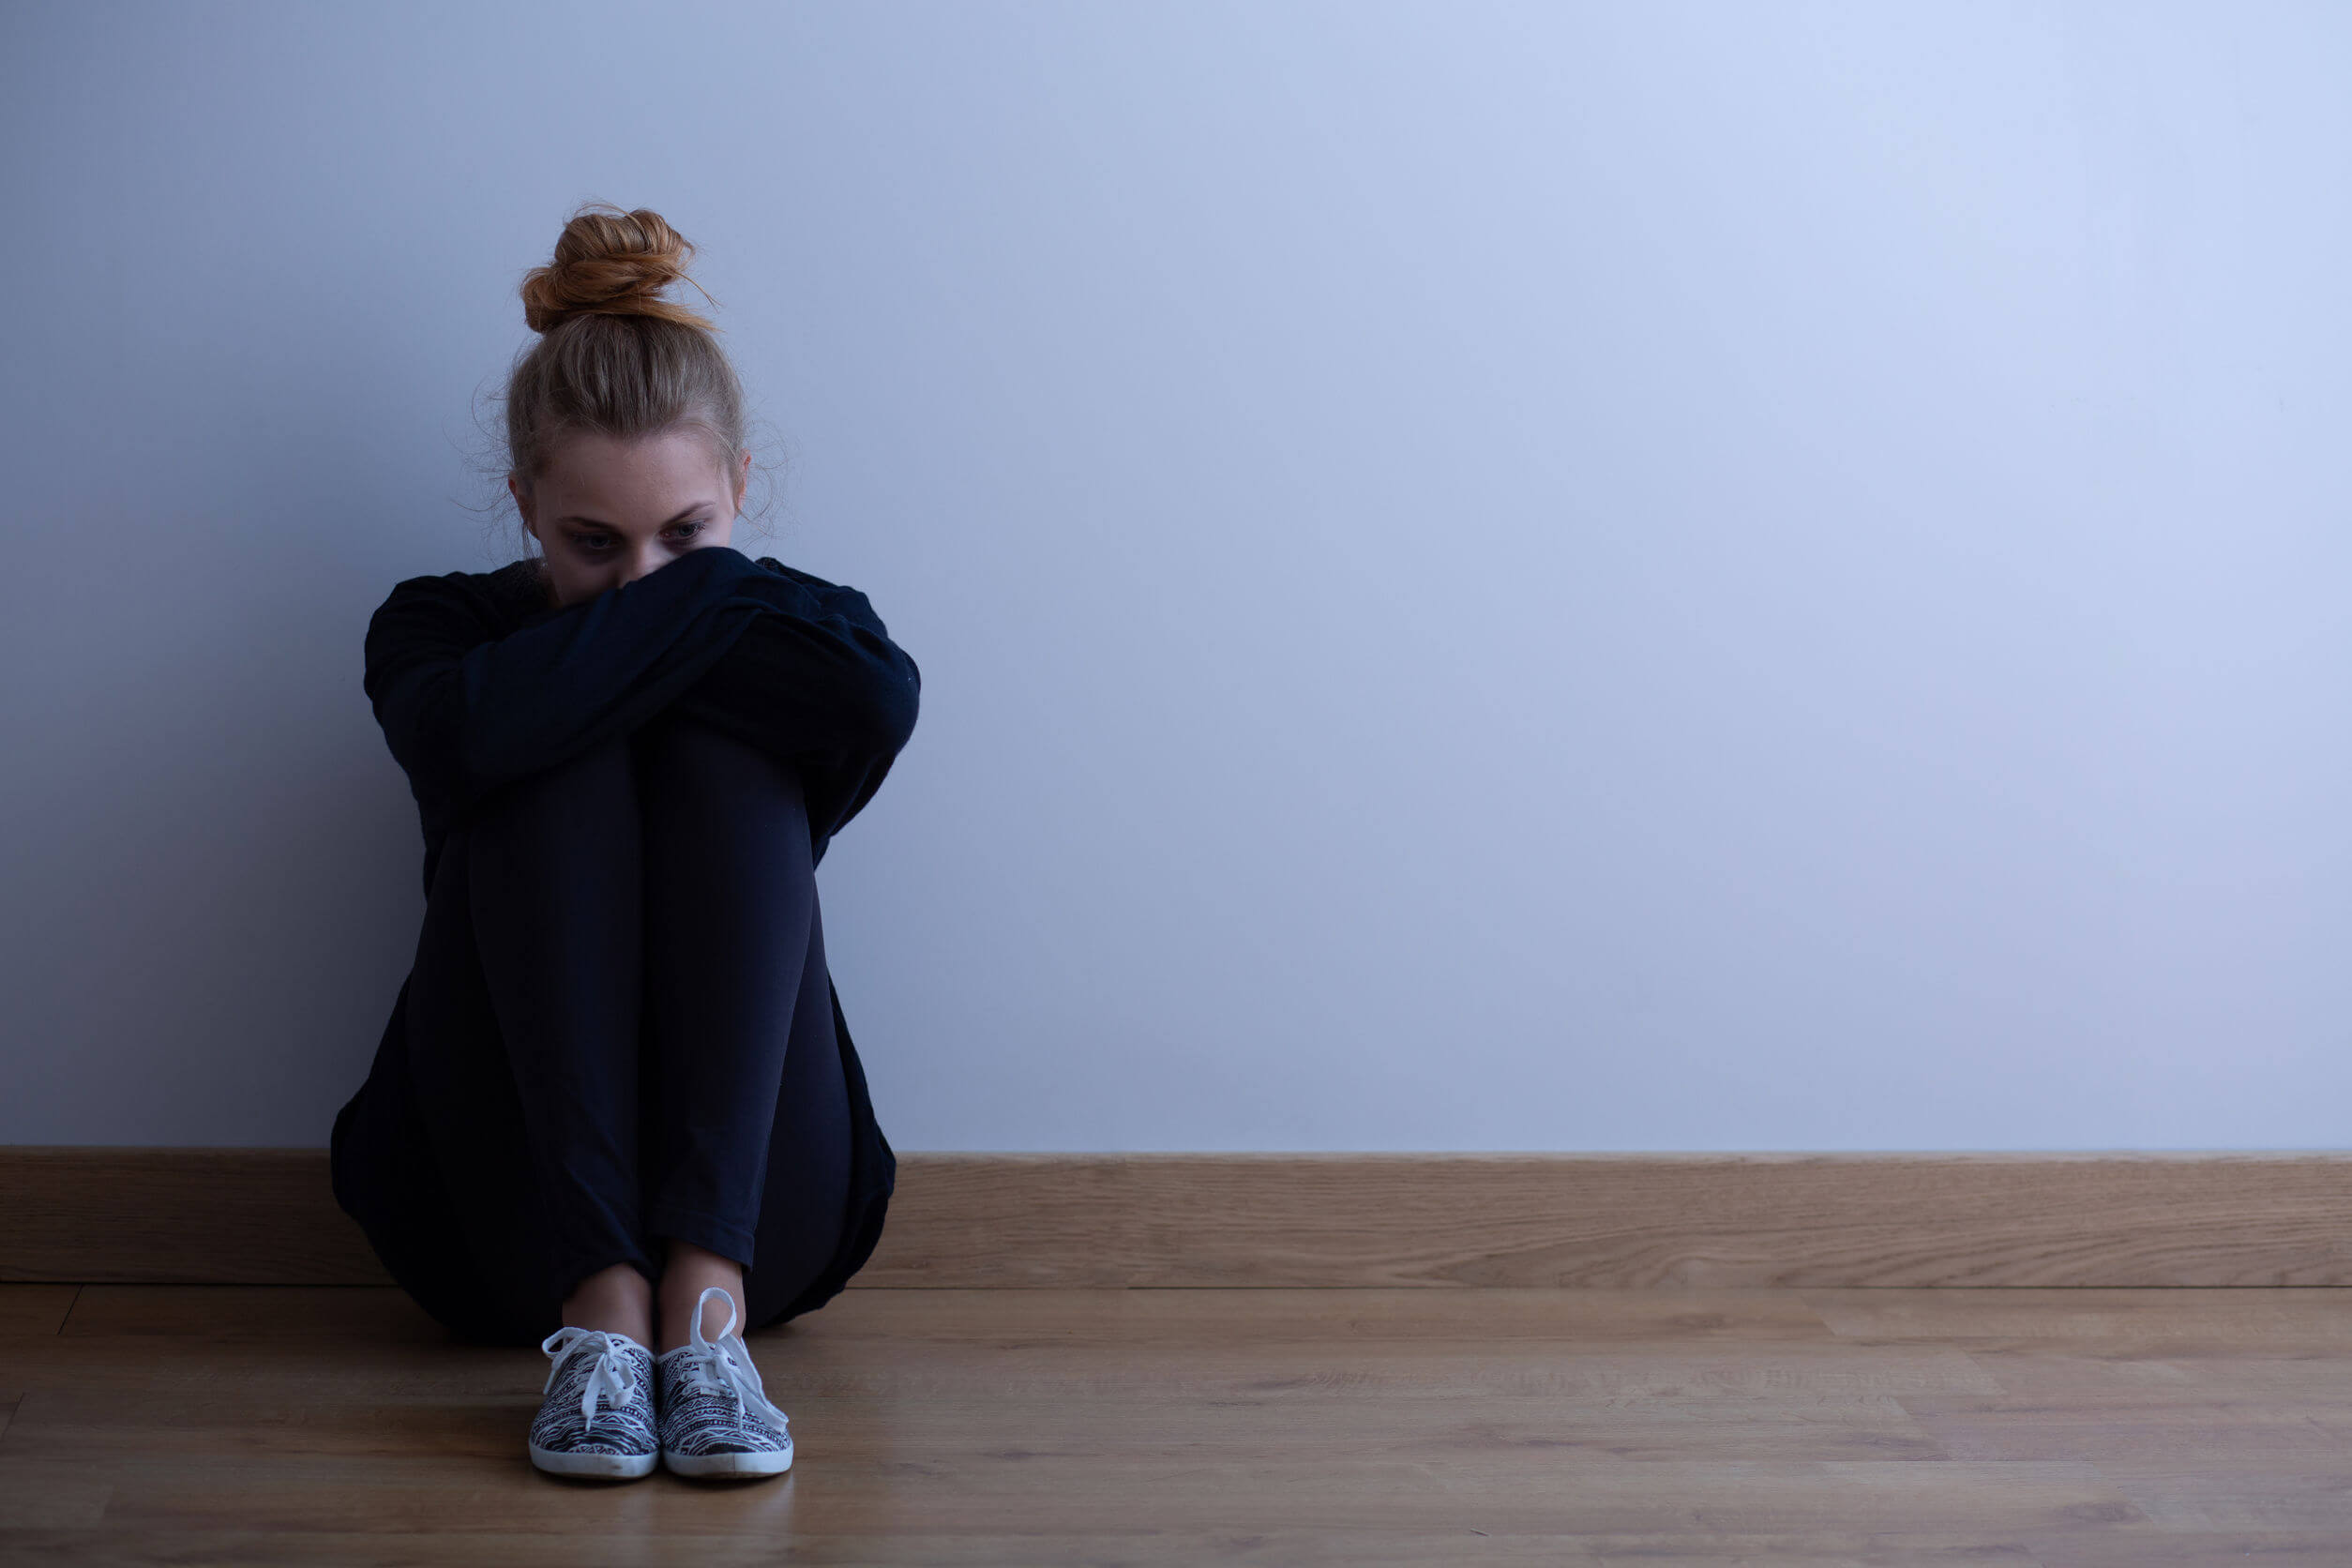 Chica adolescente con depresión, uno de los principales problemas psicológicos en los adolescentes.